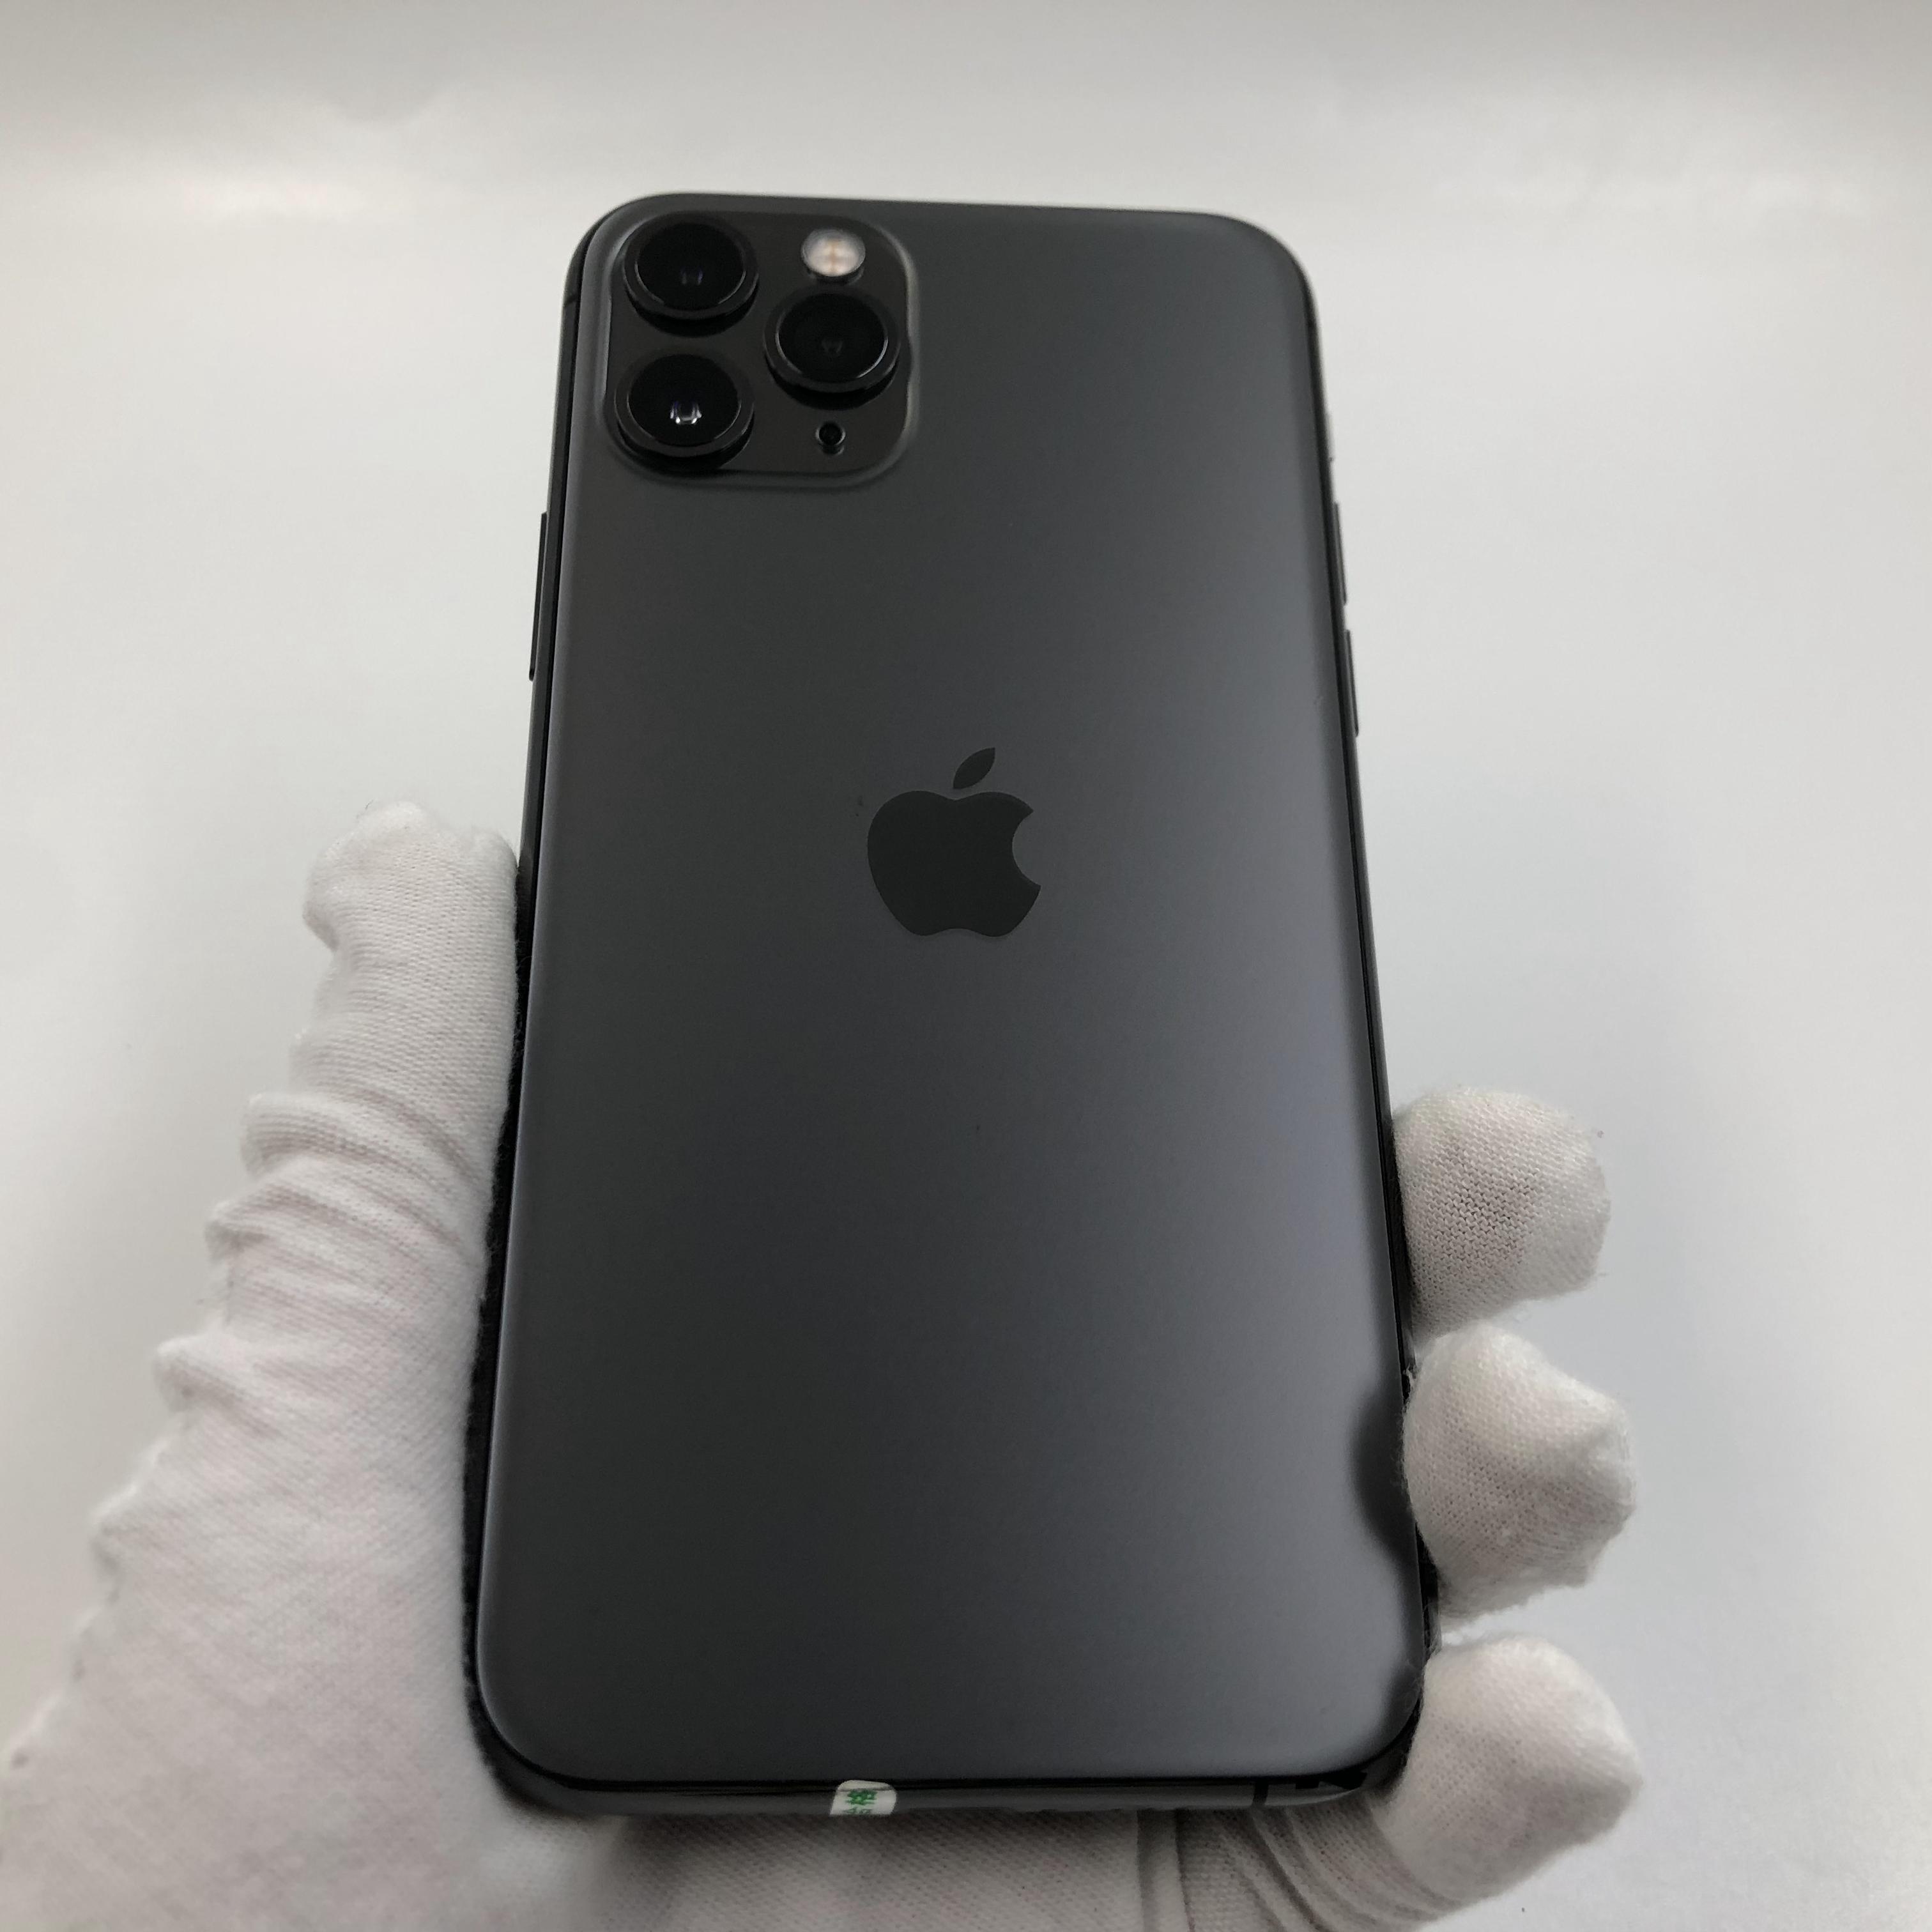 苹果【iPhone 11 Pro】4G全网通 深空灰 256G 国际版 9成新 真机实拍